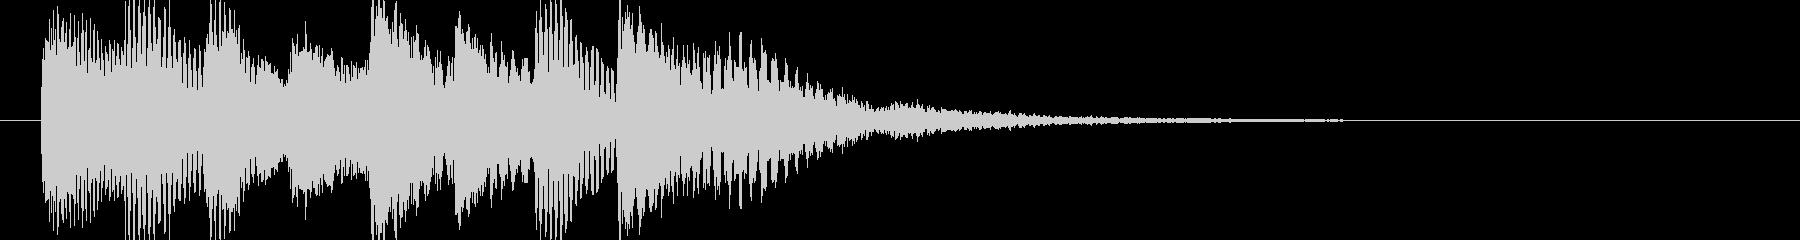 シンプルなジングル【ピアノ】その13ですの未再生の波形